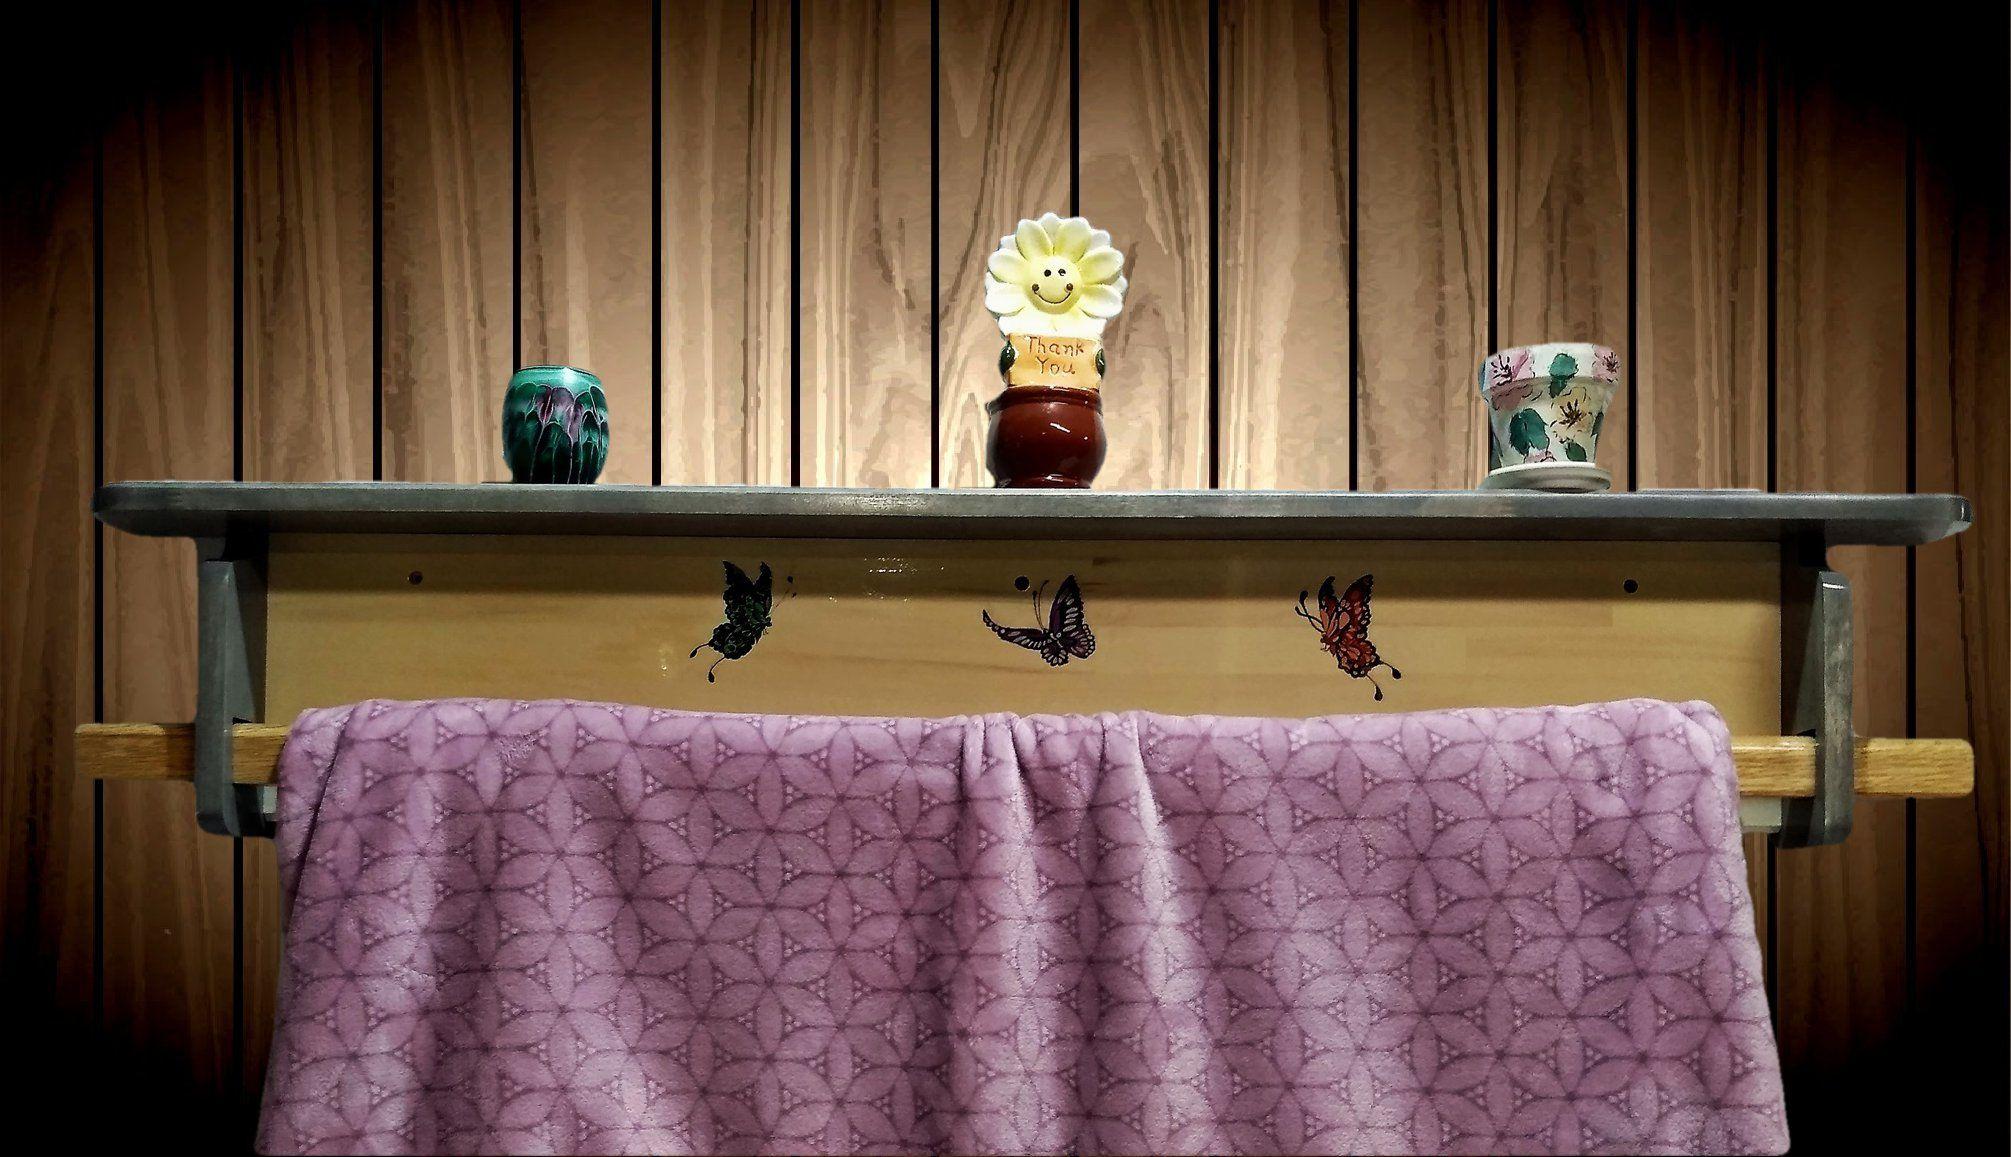 Butterfly handmade wood quilt rack shelf wall mount home